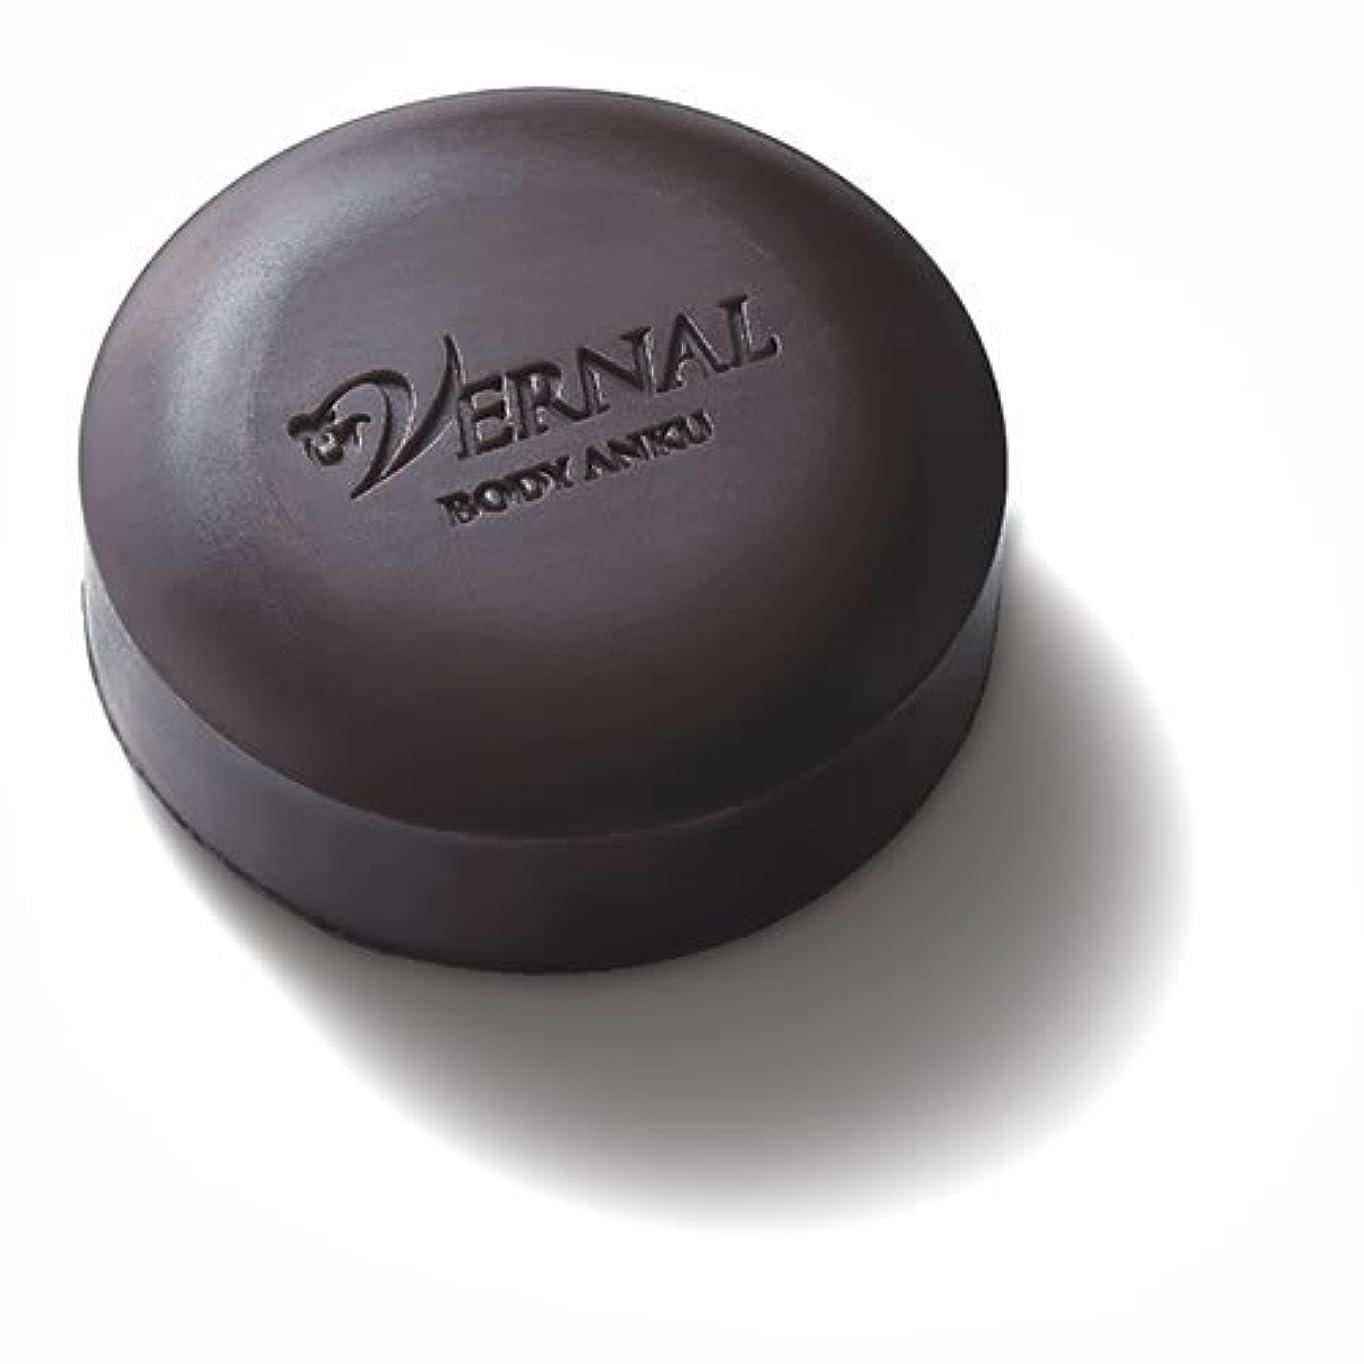 果てしないコーデリア抗生物質ボディアンク/ヴァーナル ボディ用 石鹸 デオドラント